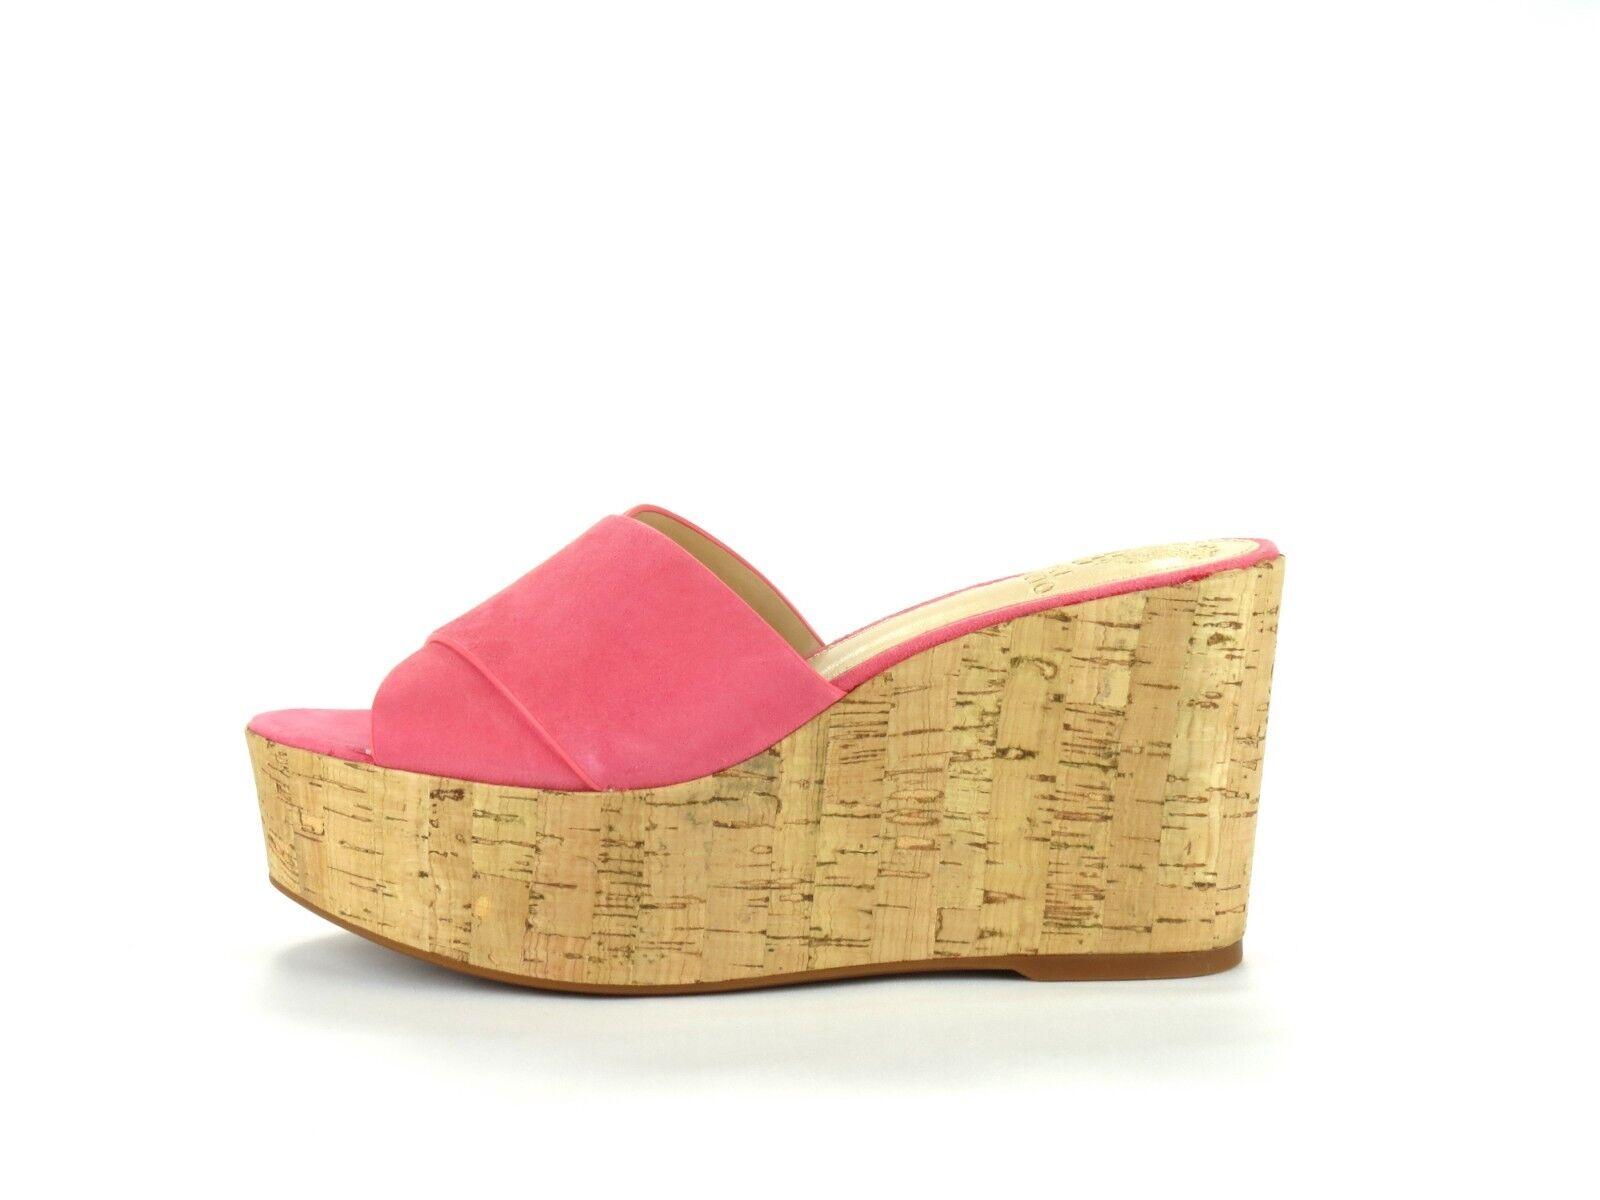 Vince Camuto Kessina Soft Cork Pink True Suede Leder Cork Soft Platform Wedge Sandale 8.5 9e81c2